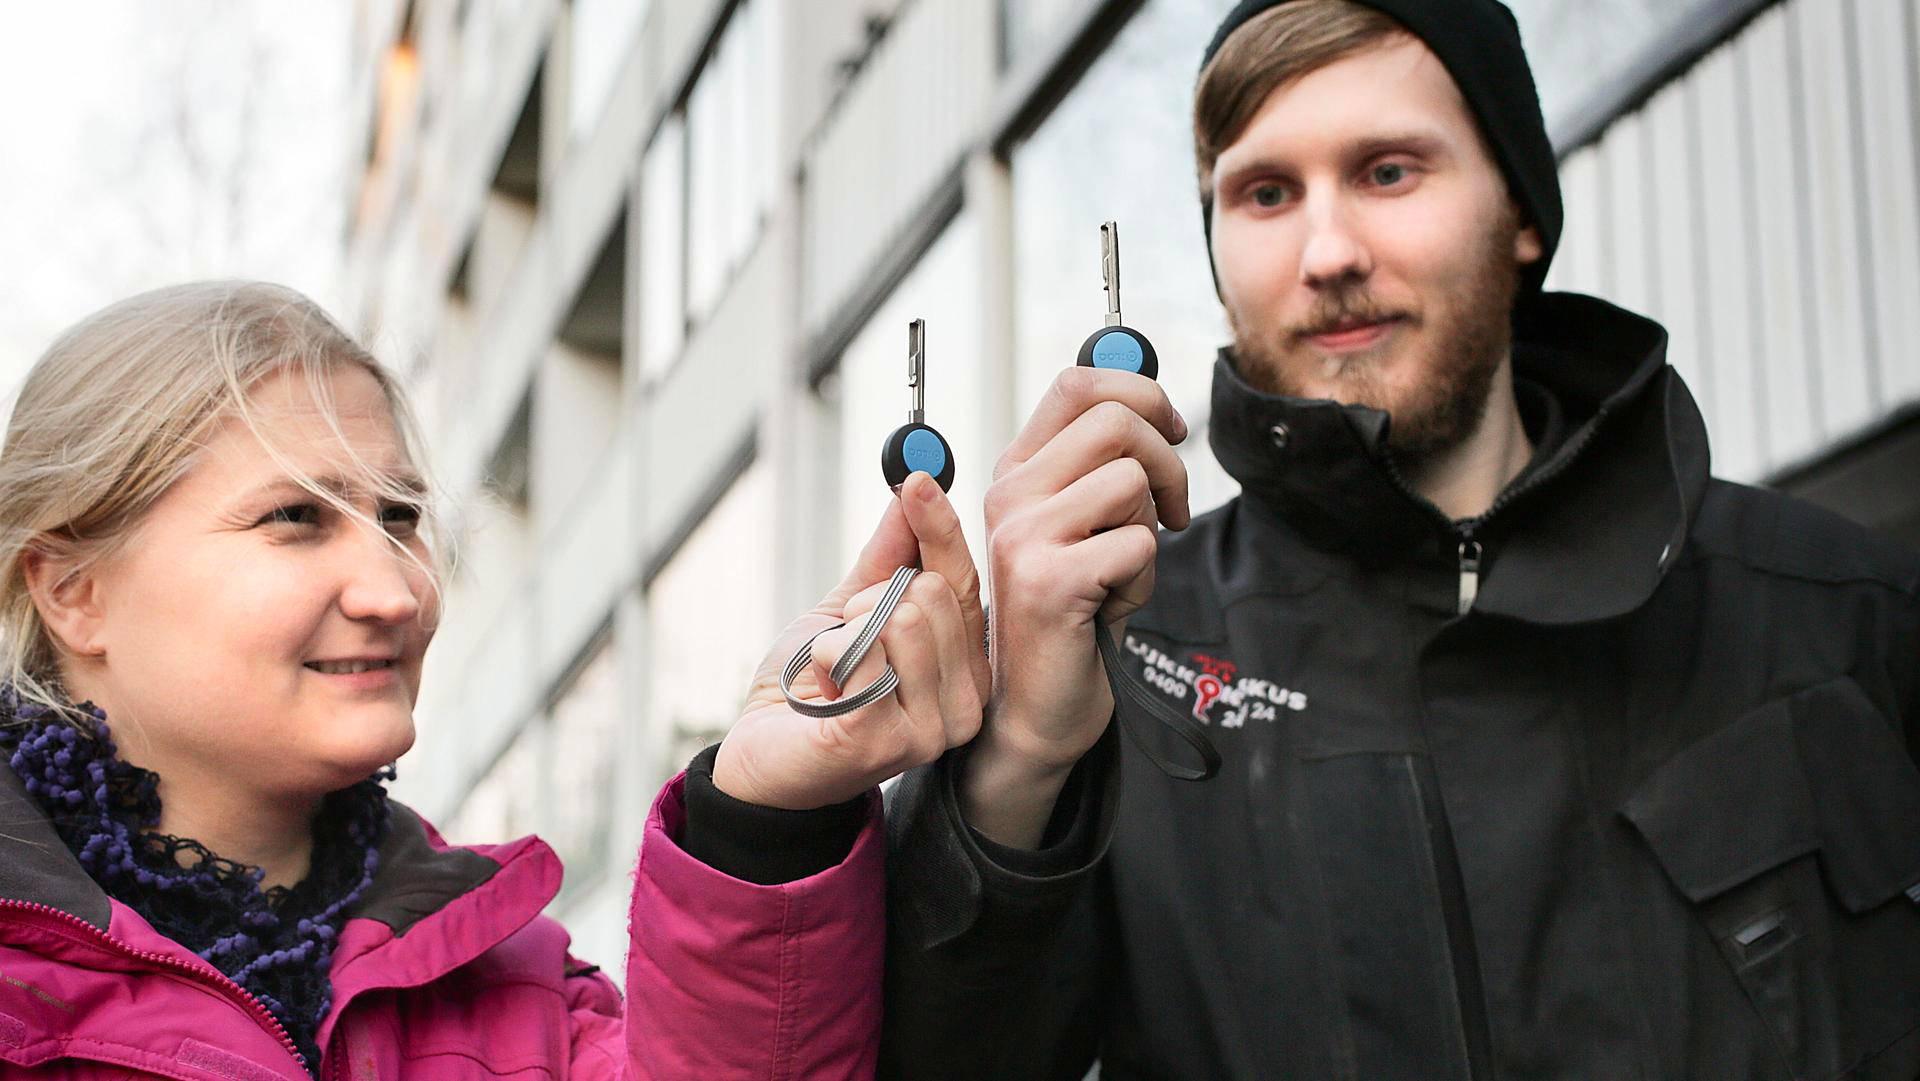 Taloyhtiön hallituksen varapuheenjohtaja Jasmin Juuti sekä lukkoseppä Pauli Leppilahti esittelevät Keinulaudantie 5:n uusia sähköisiä avaimia.